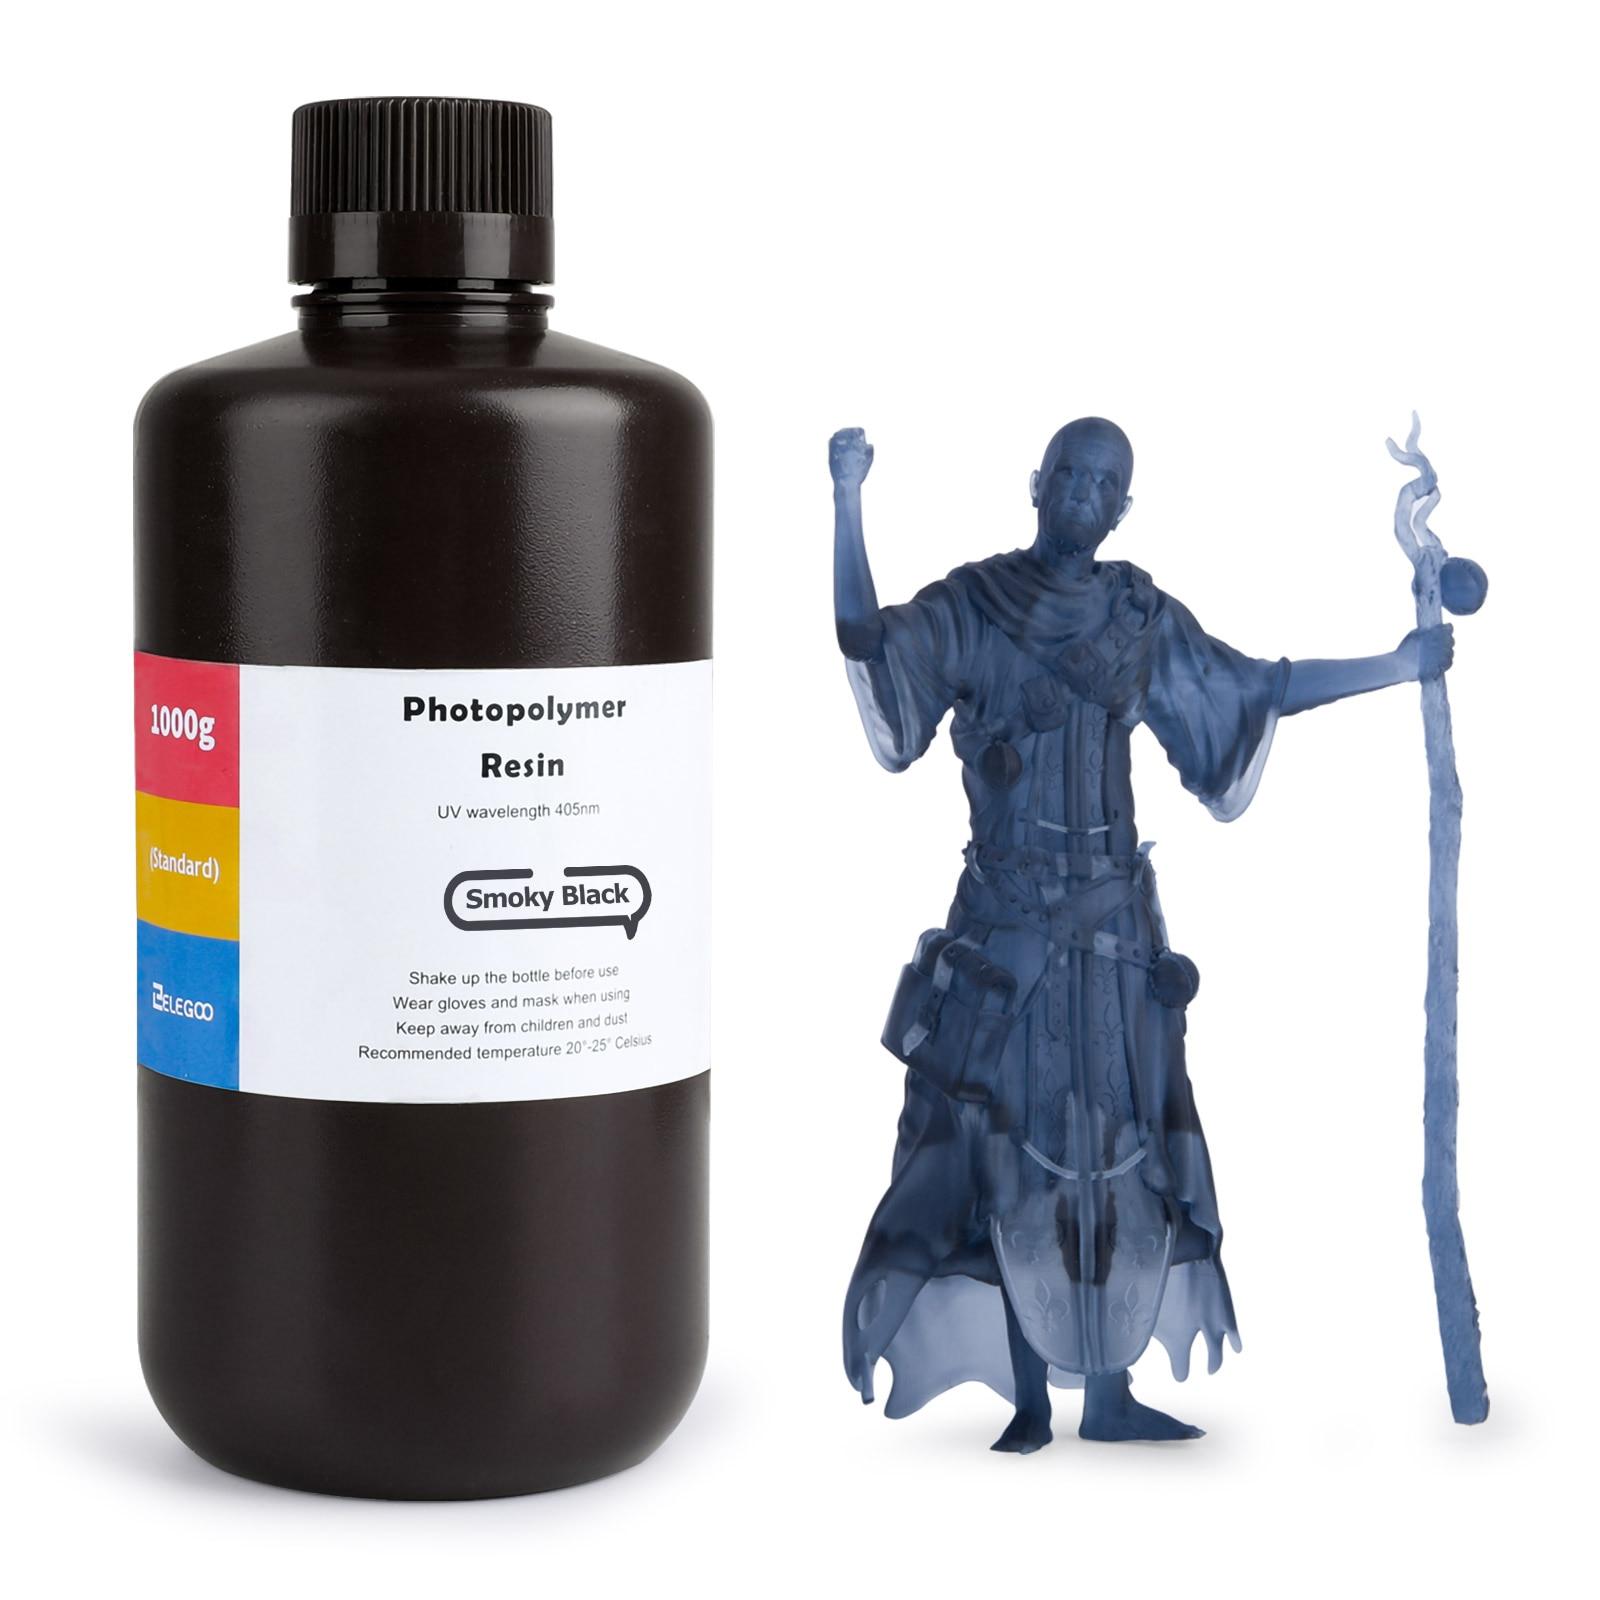 Смола ELEGOO для 3D-принтера из АБС-пластика, 405 нм, УФ-смола, стандартная Фотополимерная смола для ЖК-3D-принтера, дымчато-черный, 1000 мл